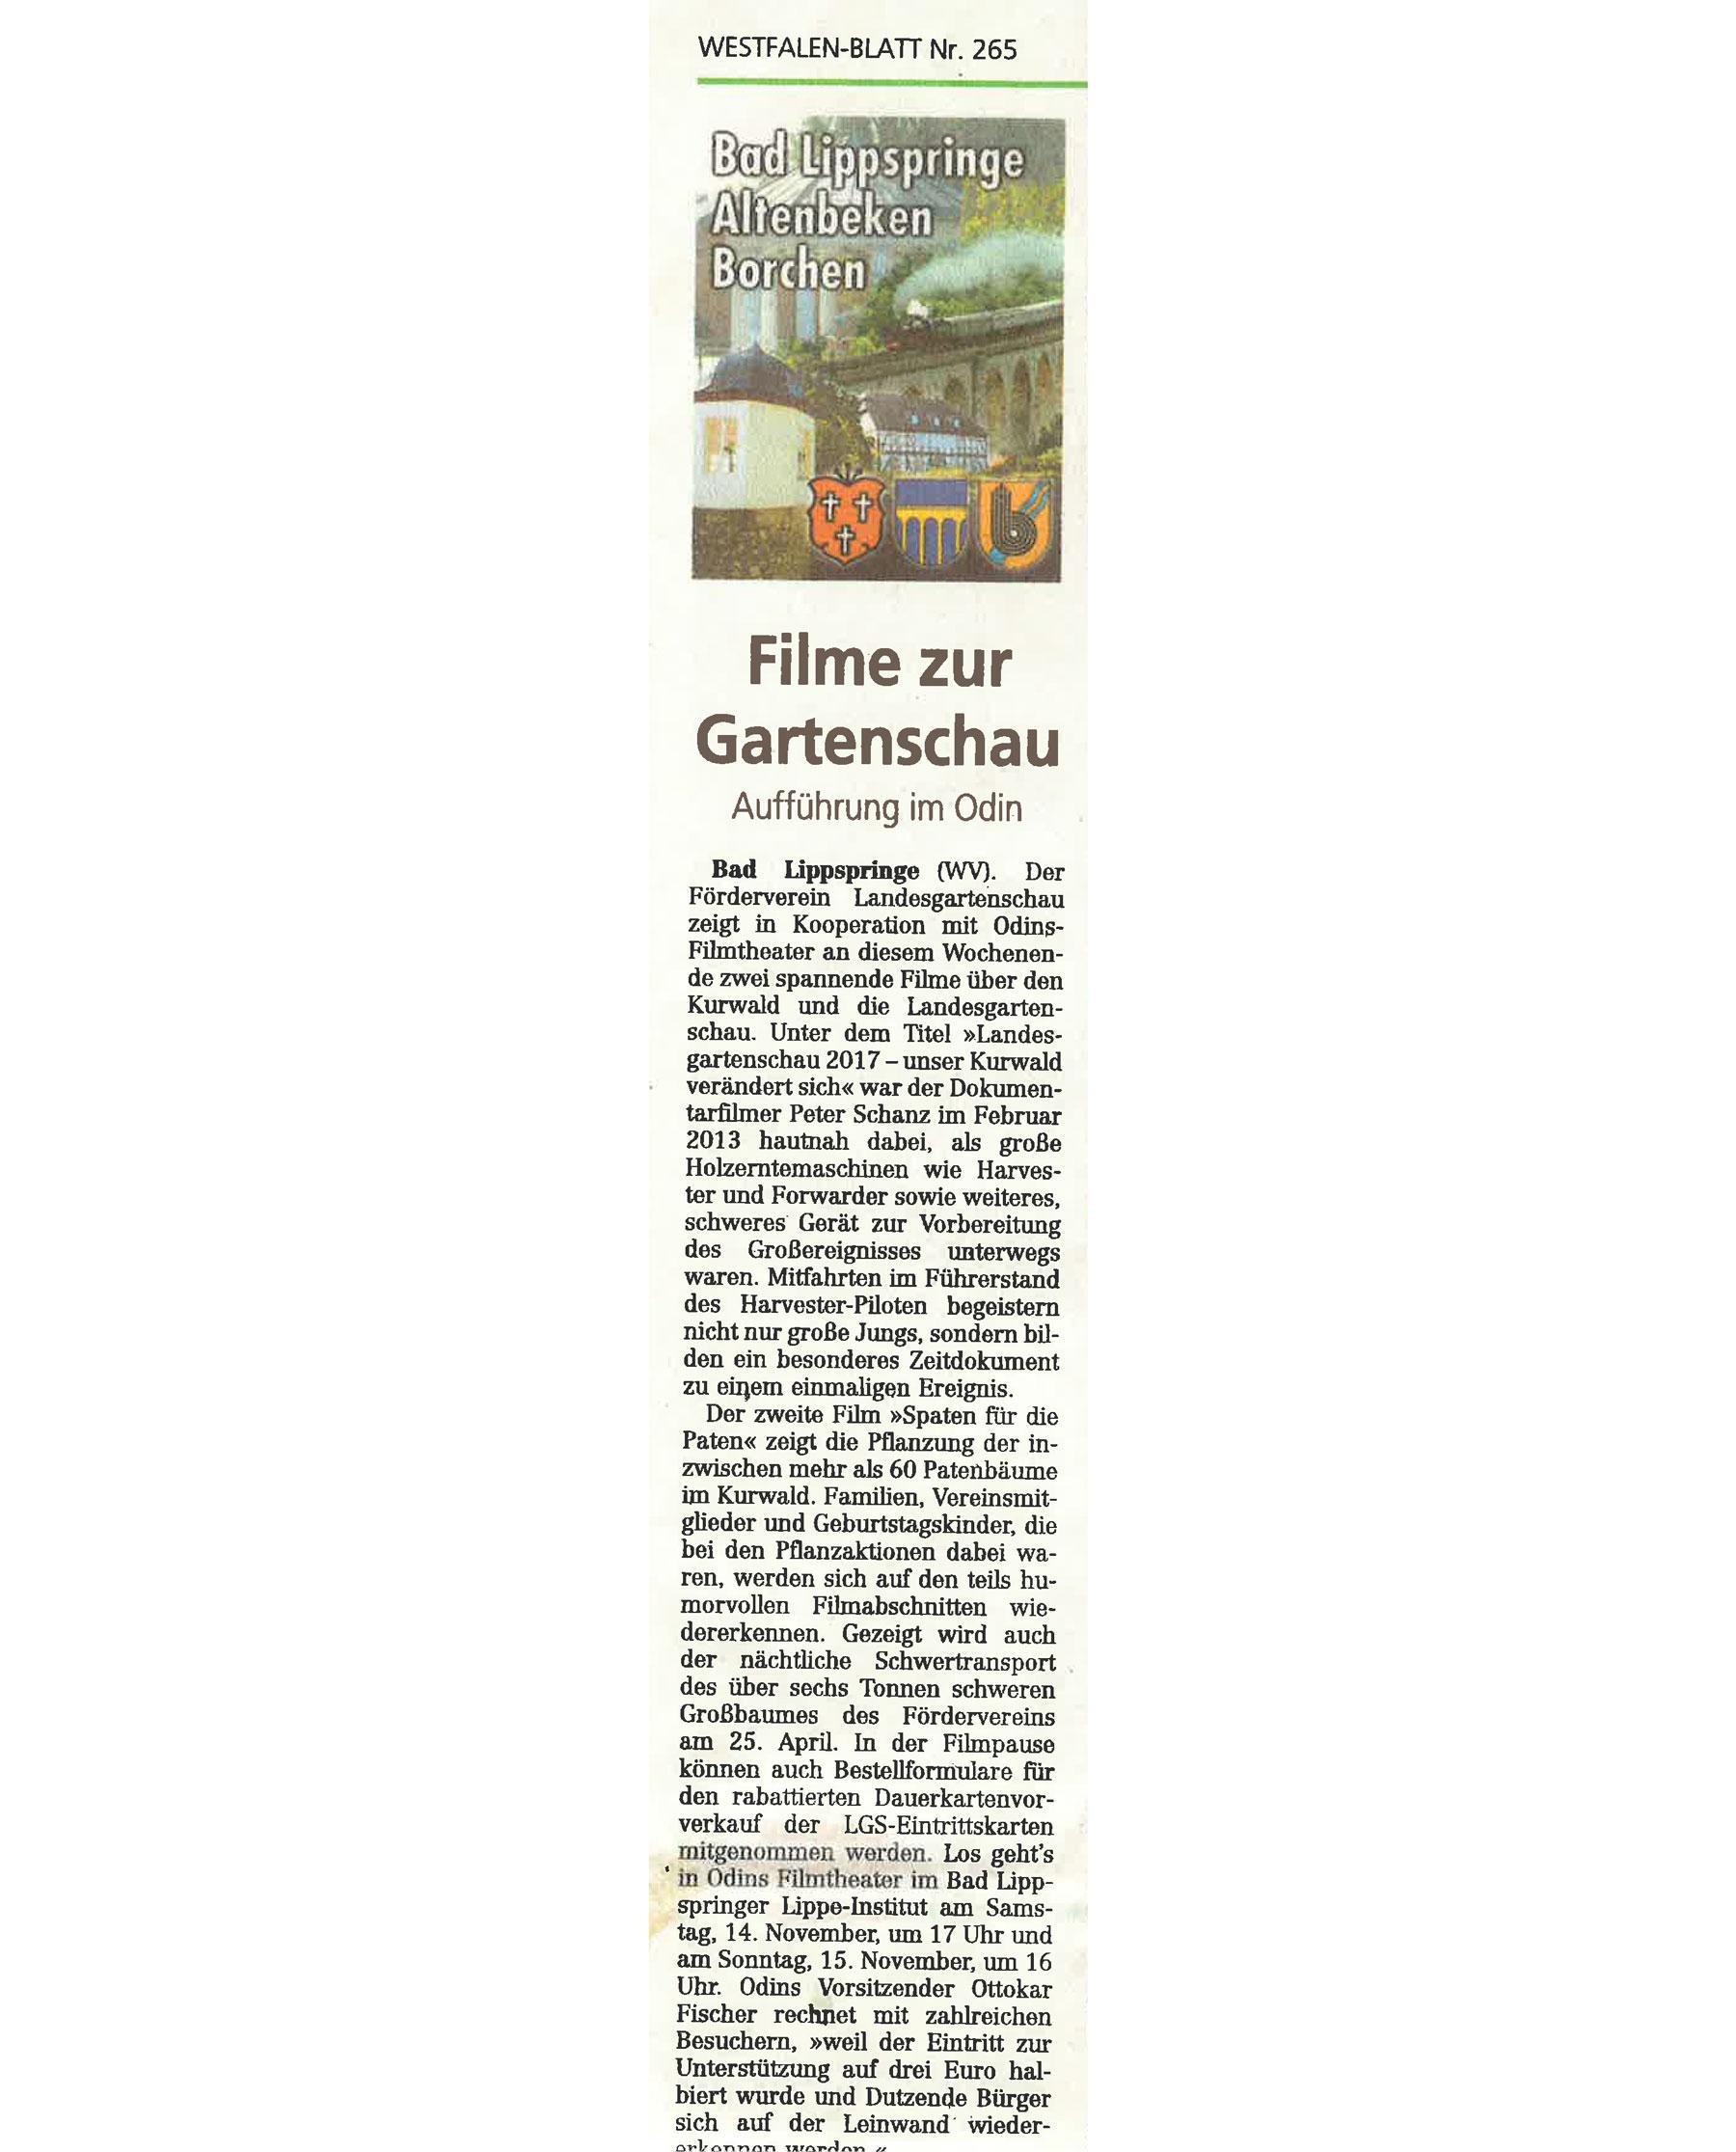 filmezurgartensxchau